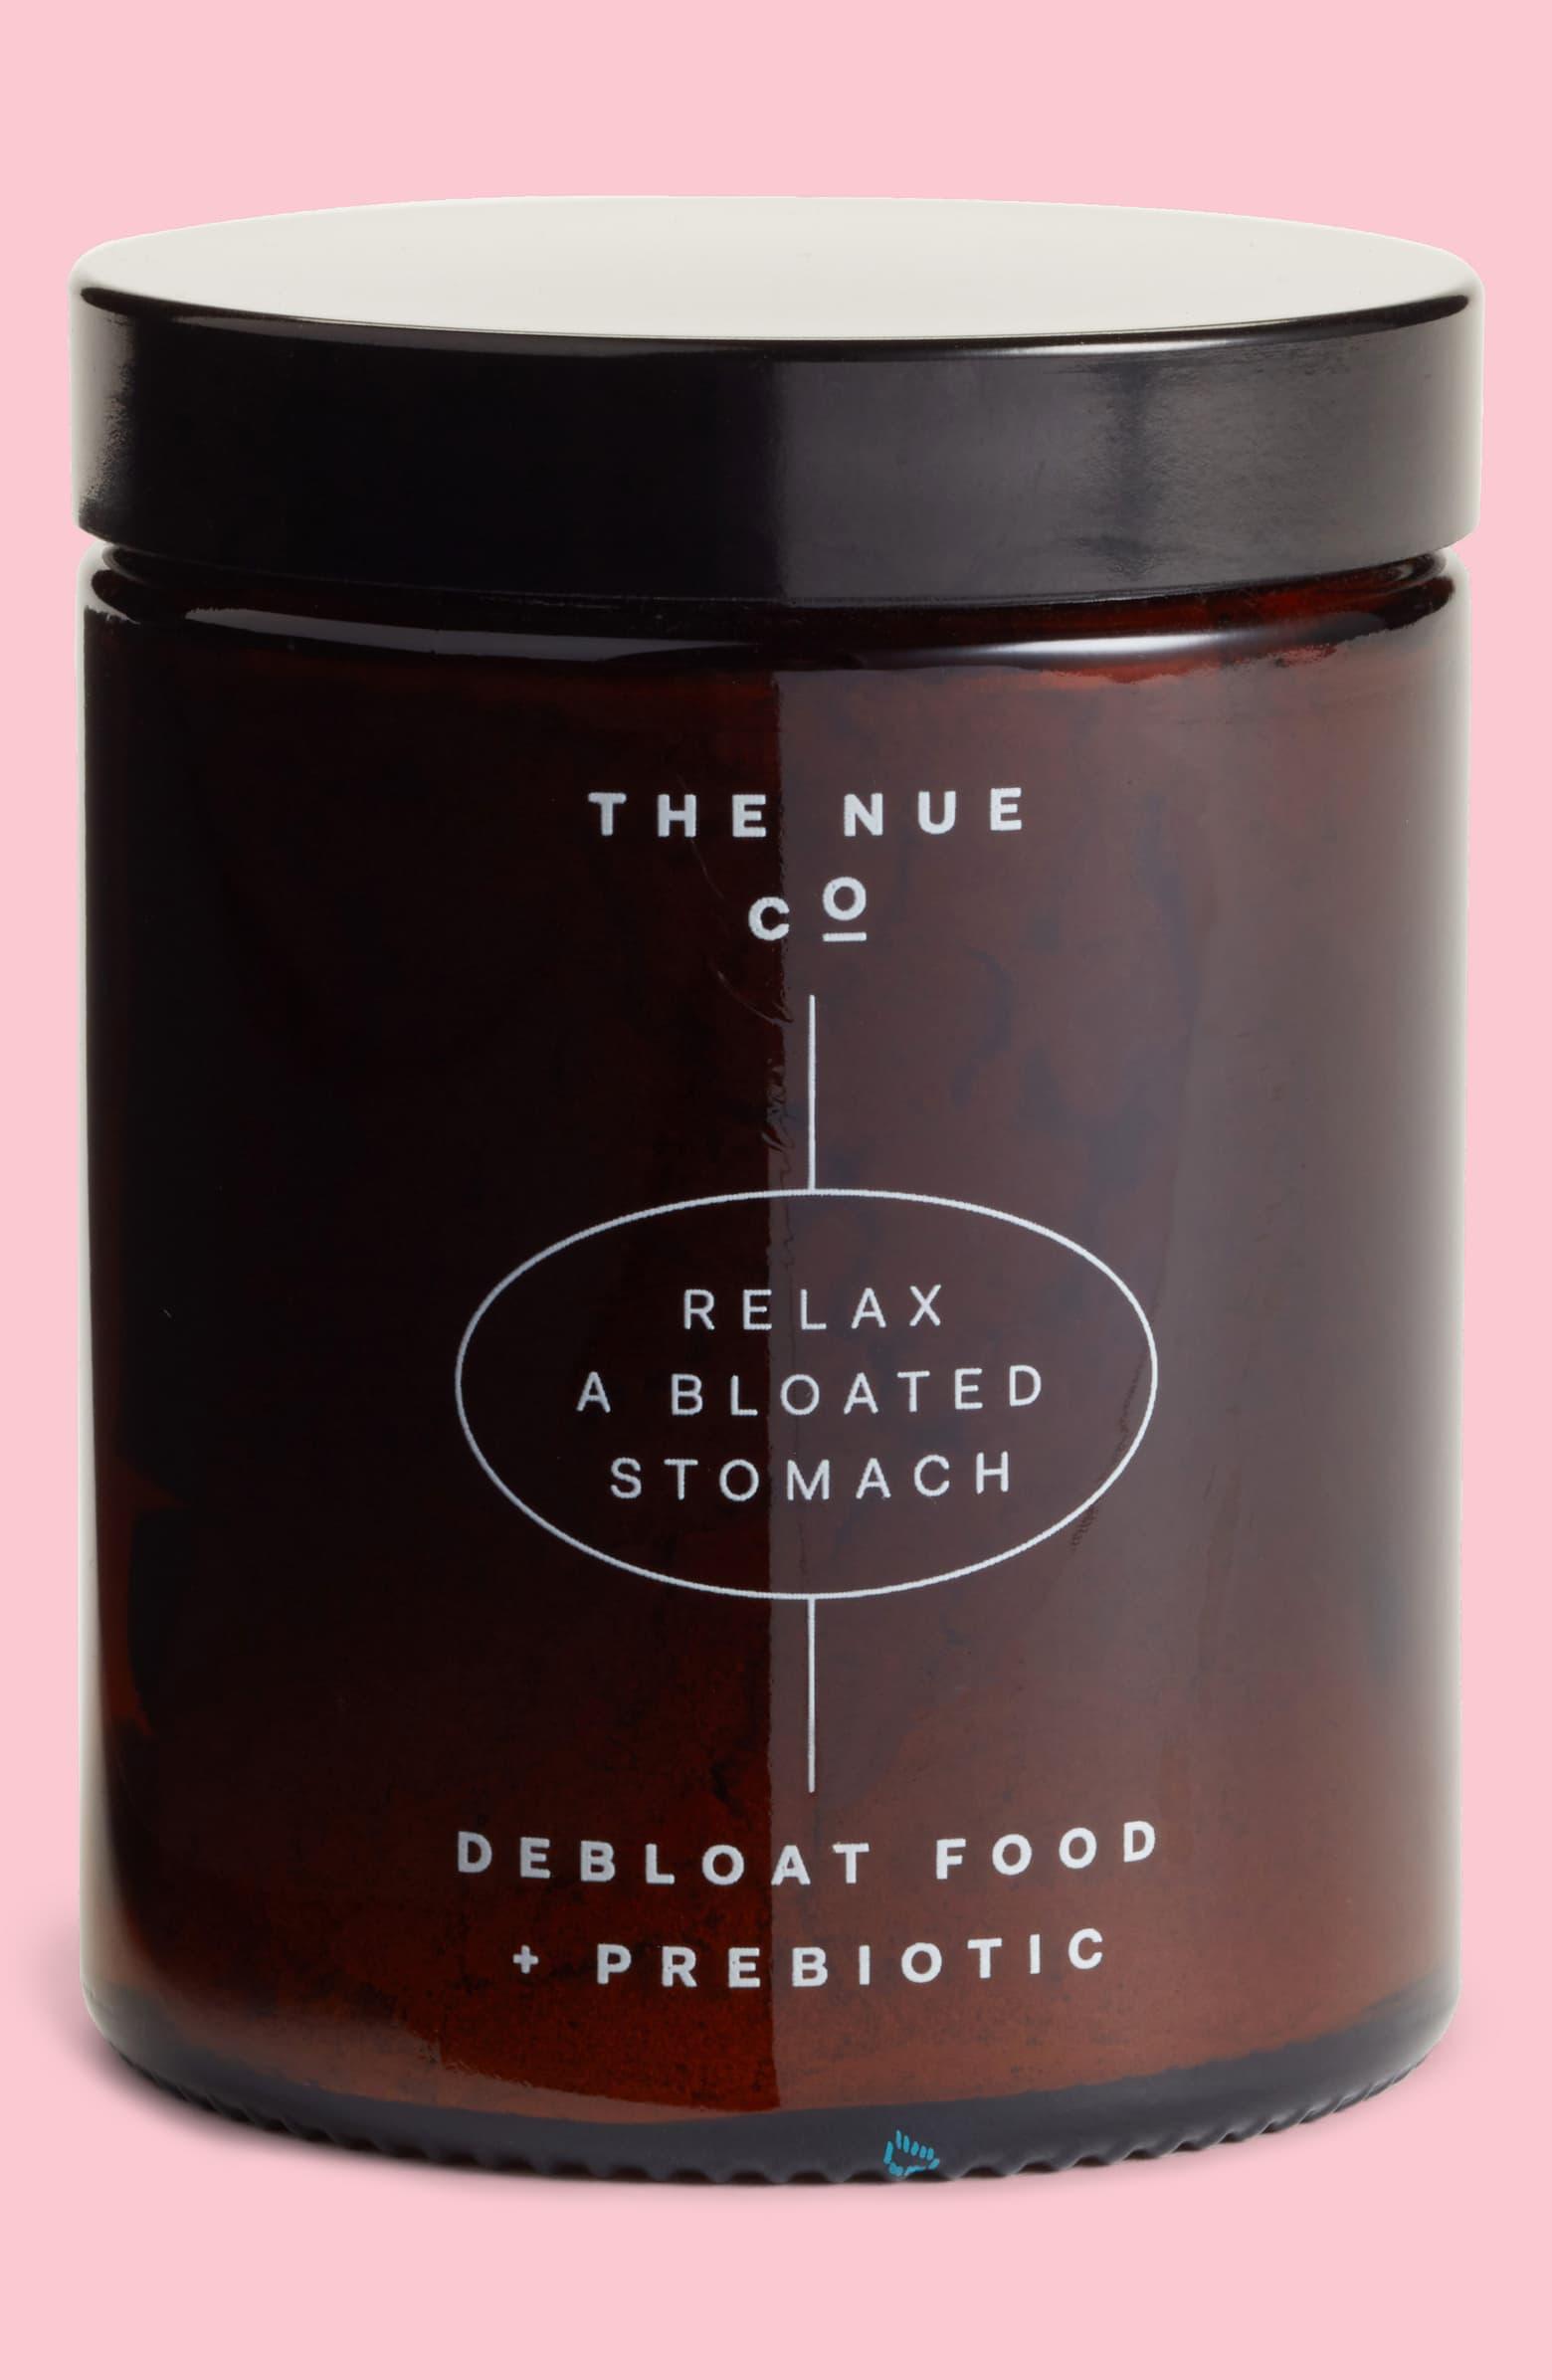 The Nue Co. Debloat Food + Prebiotic Dietary Supplement